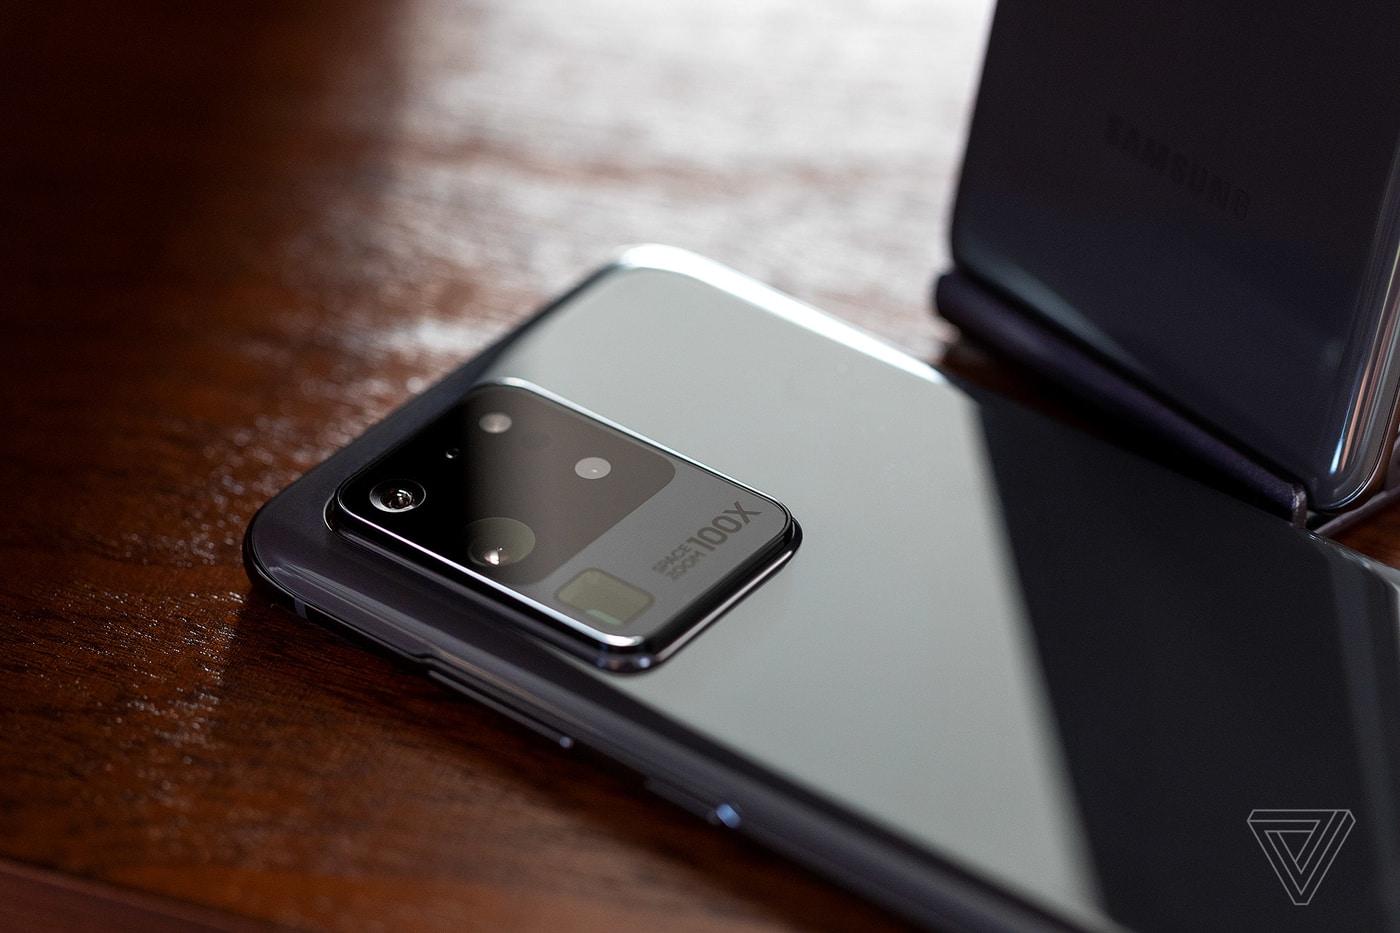 Galaxy S20 sẽ là những mẫu điện thoại đầu tiên của Samsung hỗ trợ quay video độ phân giải 8K